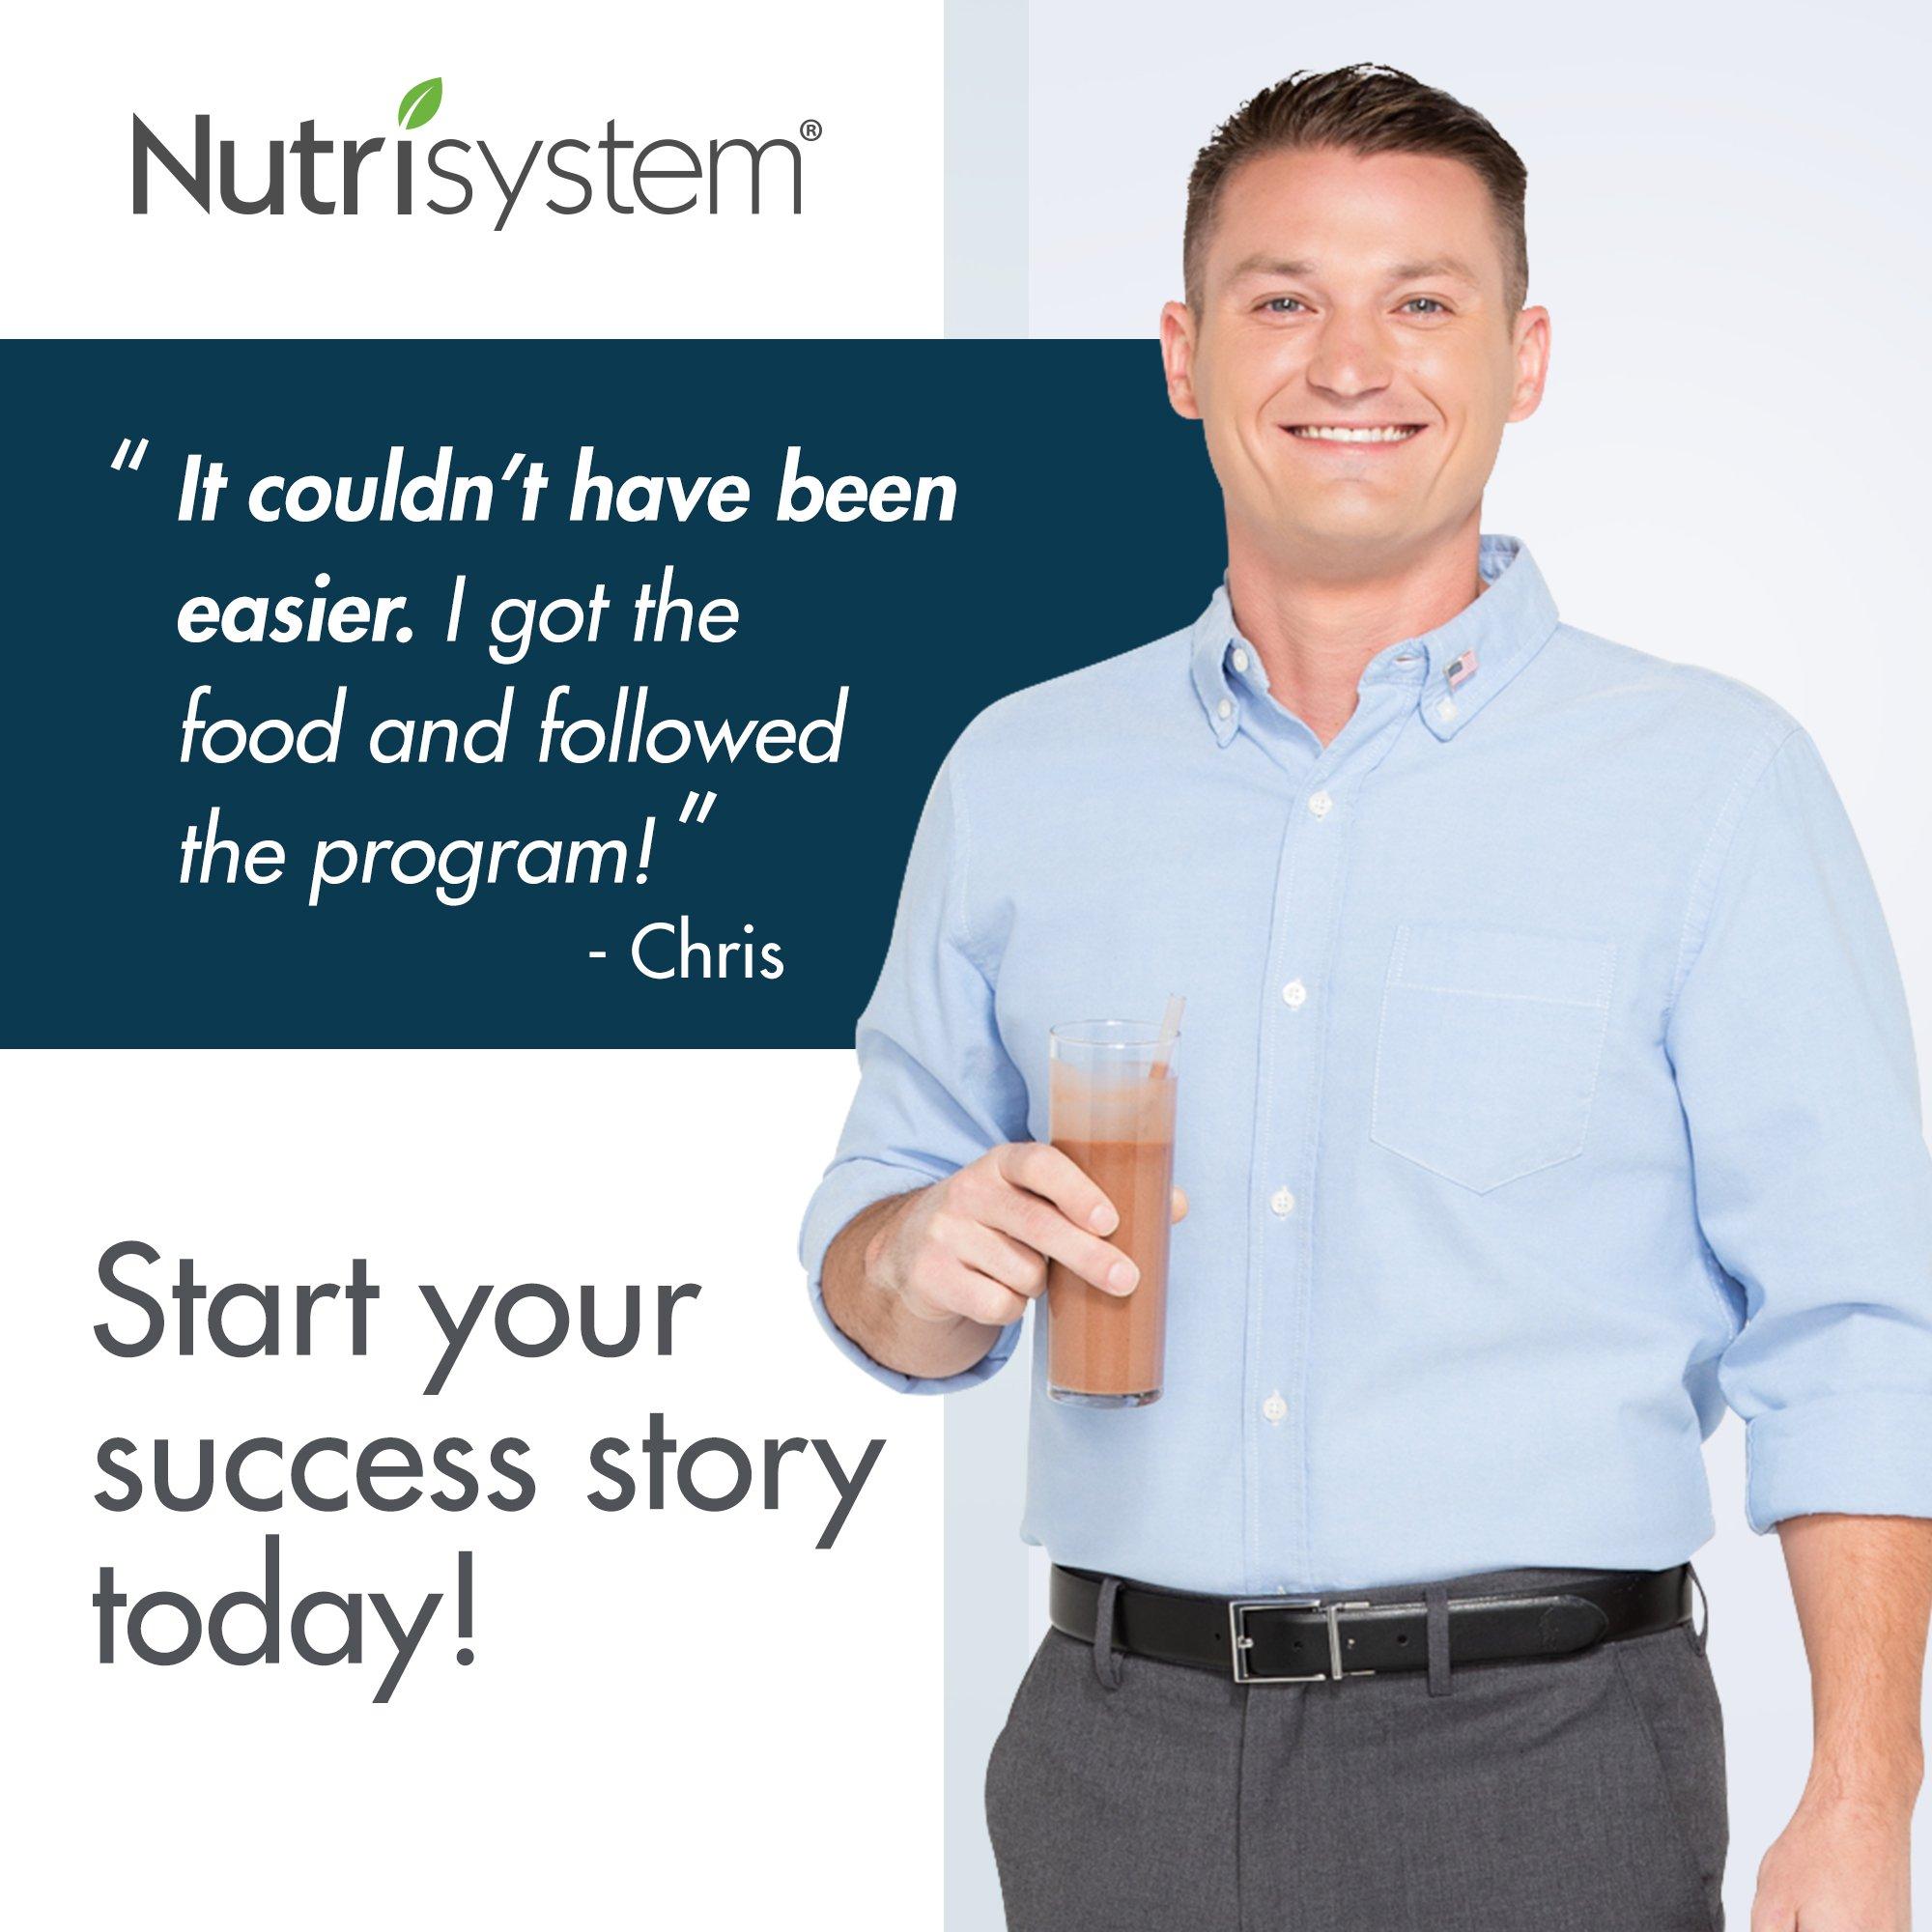 Nutrisystem Morning Mindset Cinnamon Raisin Baked Bars, 24 ct